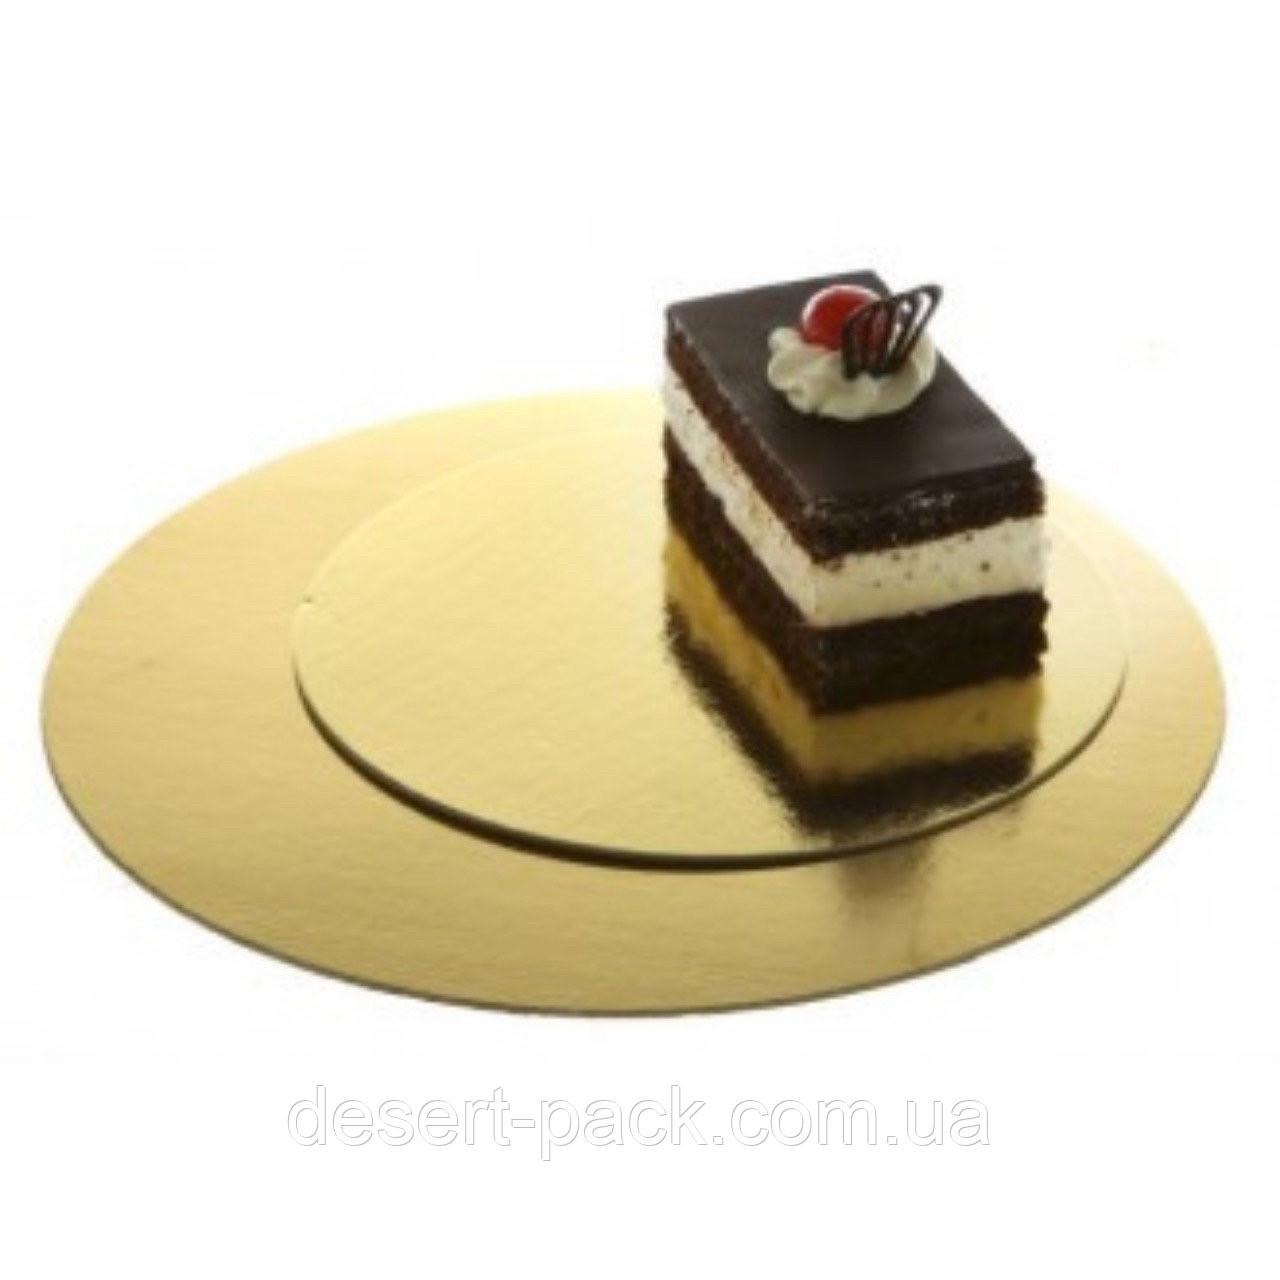 Подложка под торт ∅-360 мм, золото/серебро - 1 мм